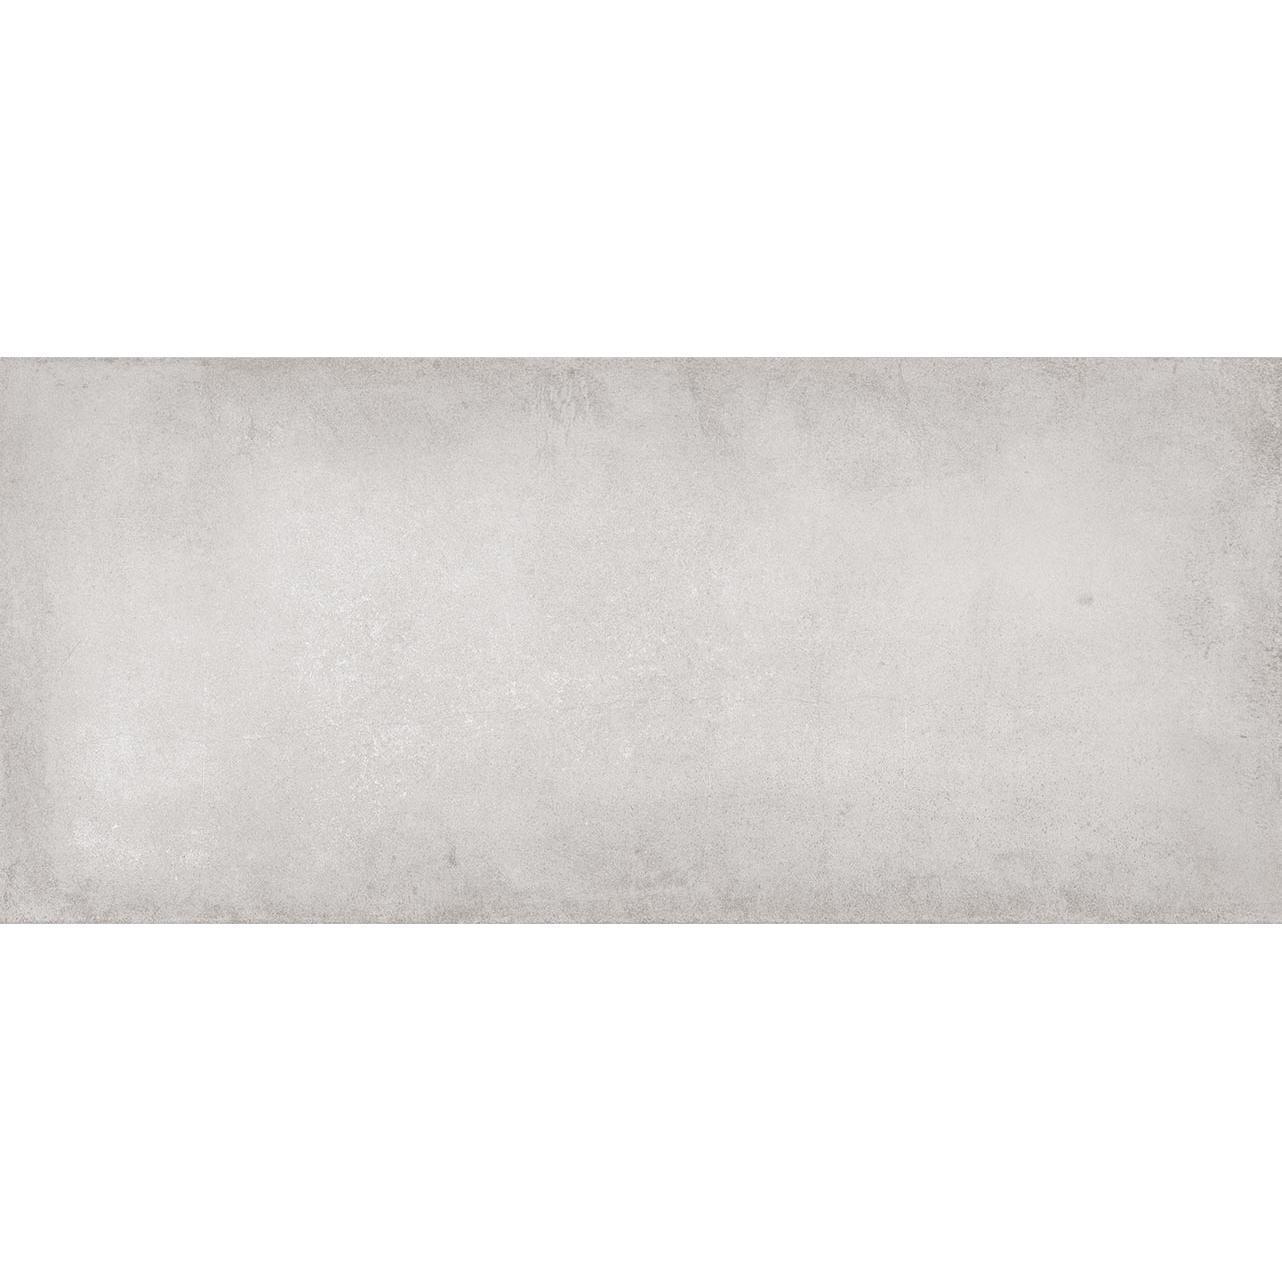 Плитка PiezaRosa Тренд 131071 25x40 см